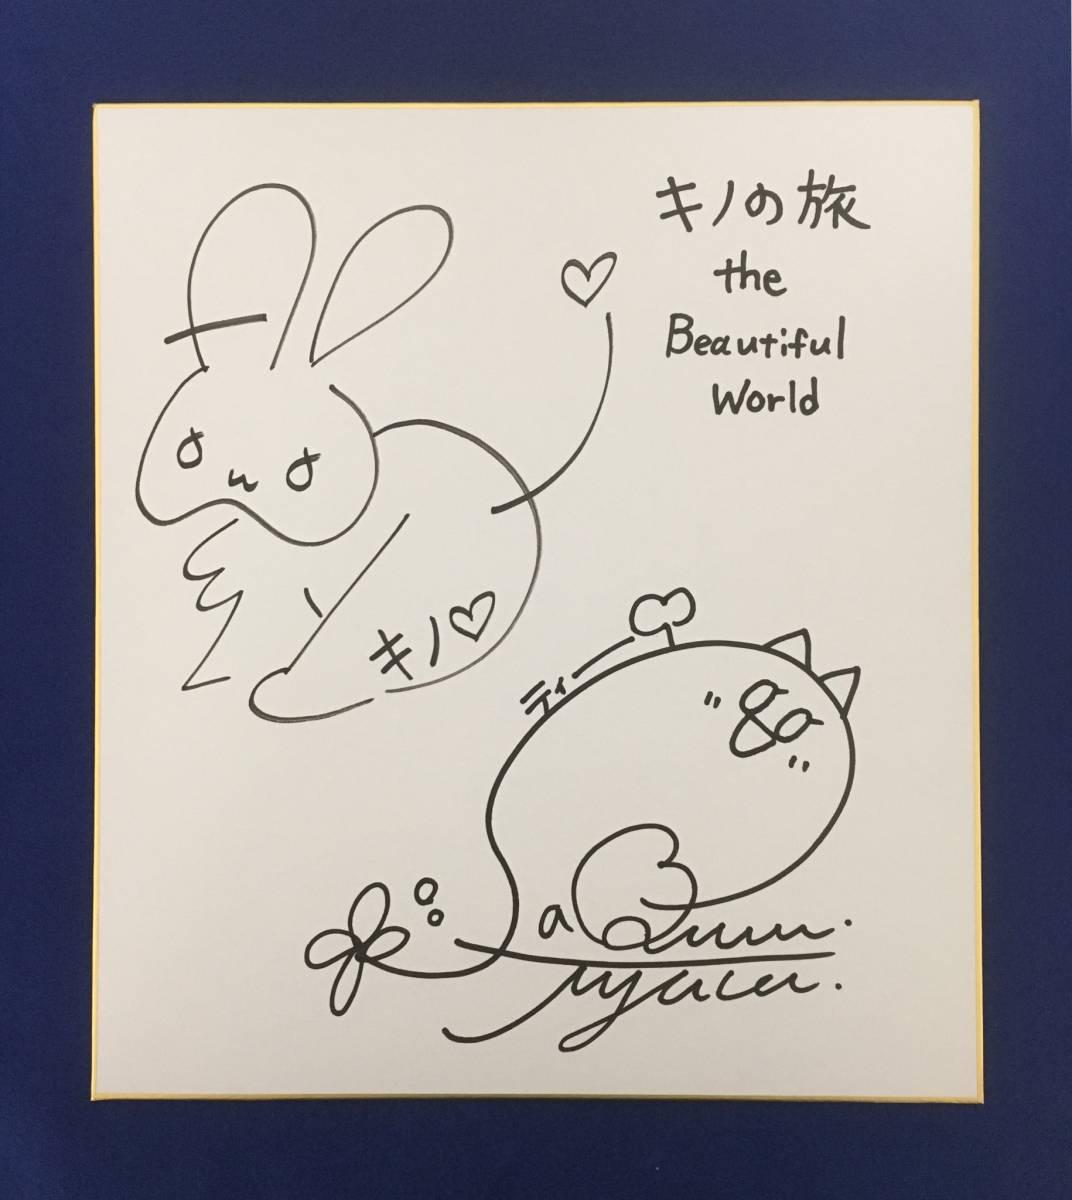 キノの旅◆悠木碧◆佐倉綾音◆直筆サイン色紙